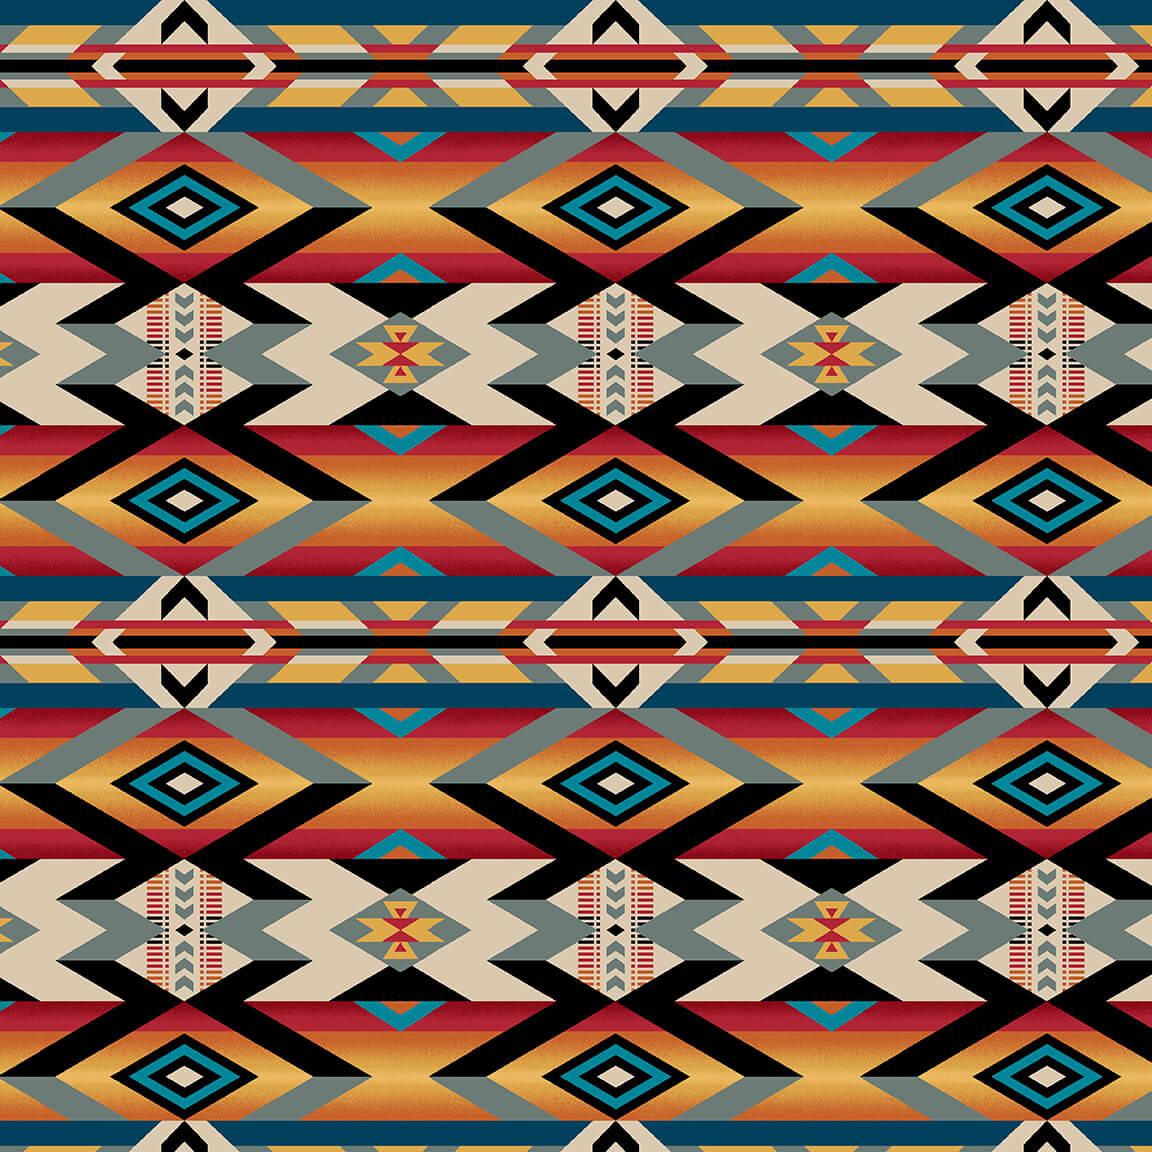 Wild Wild West 5354-89 Serape Blanket